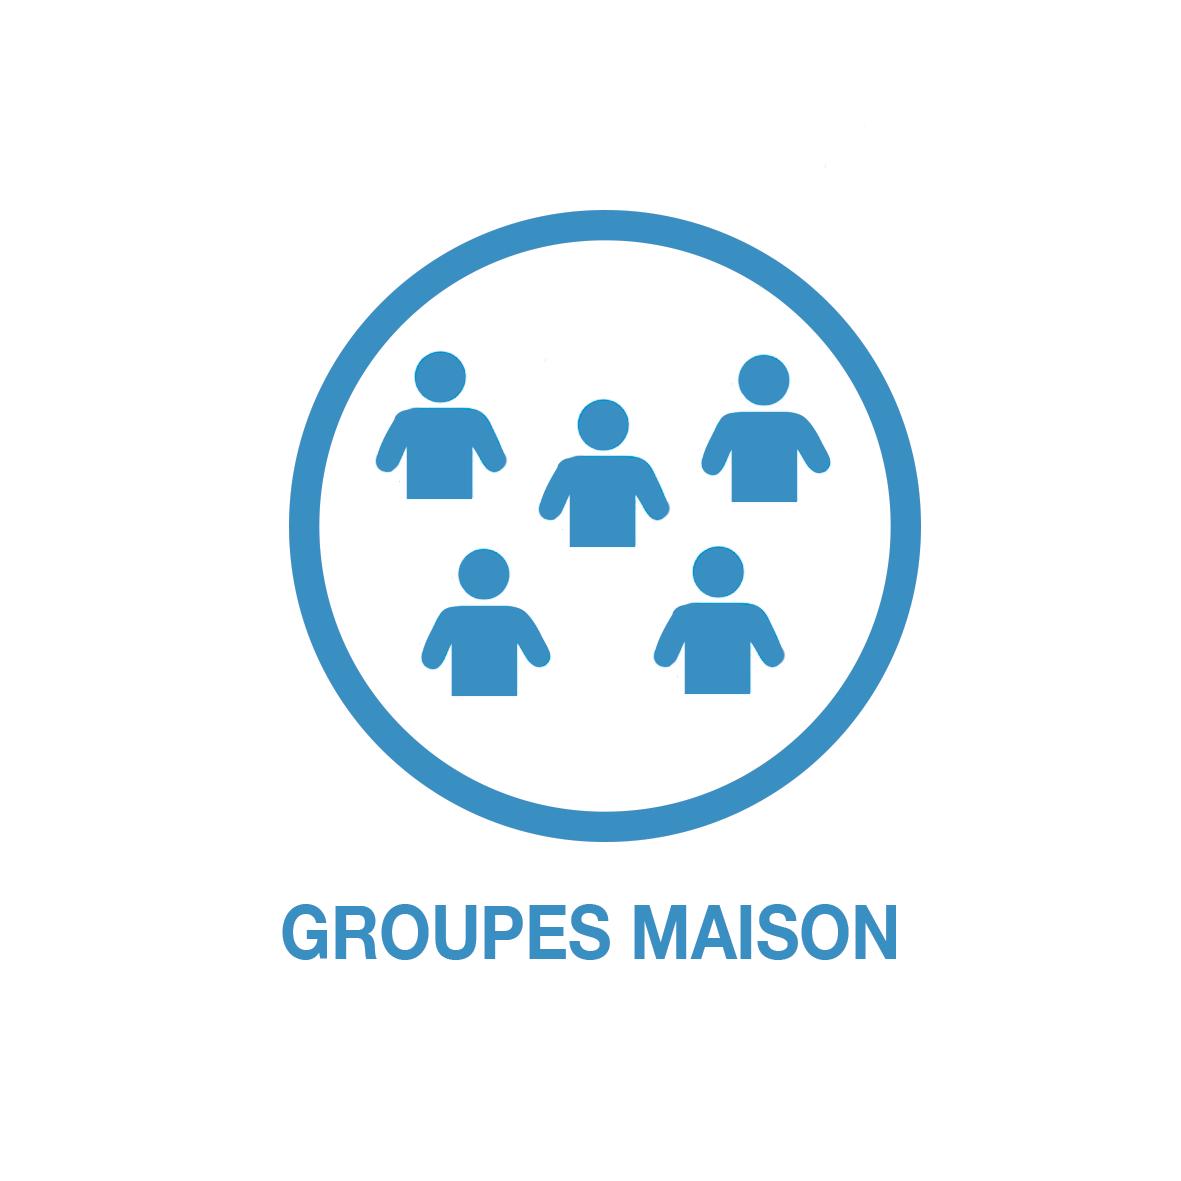 Groupes maison